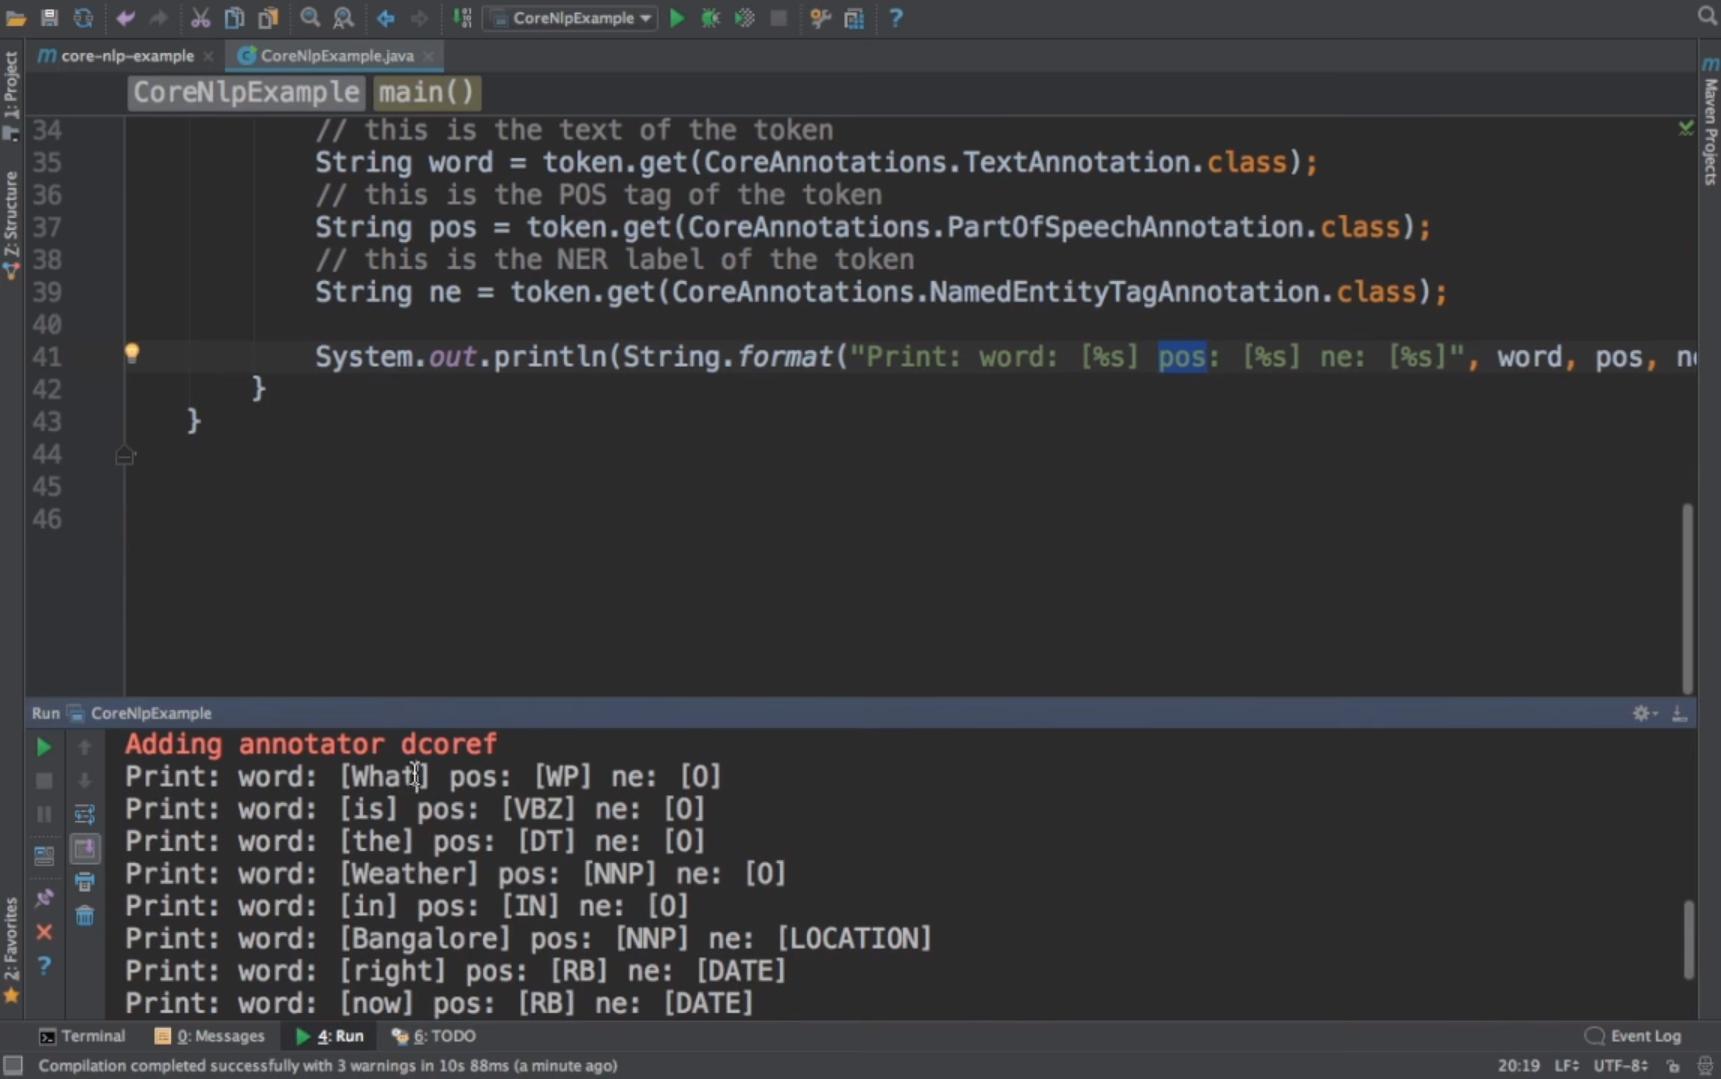 CoreNLP run annotator